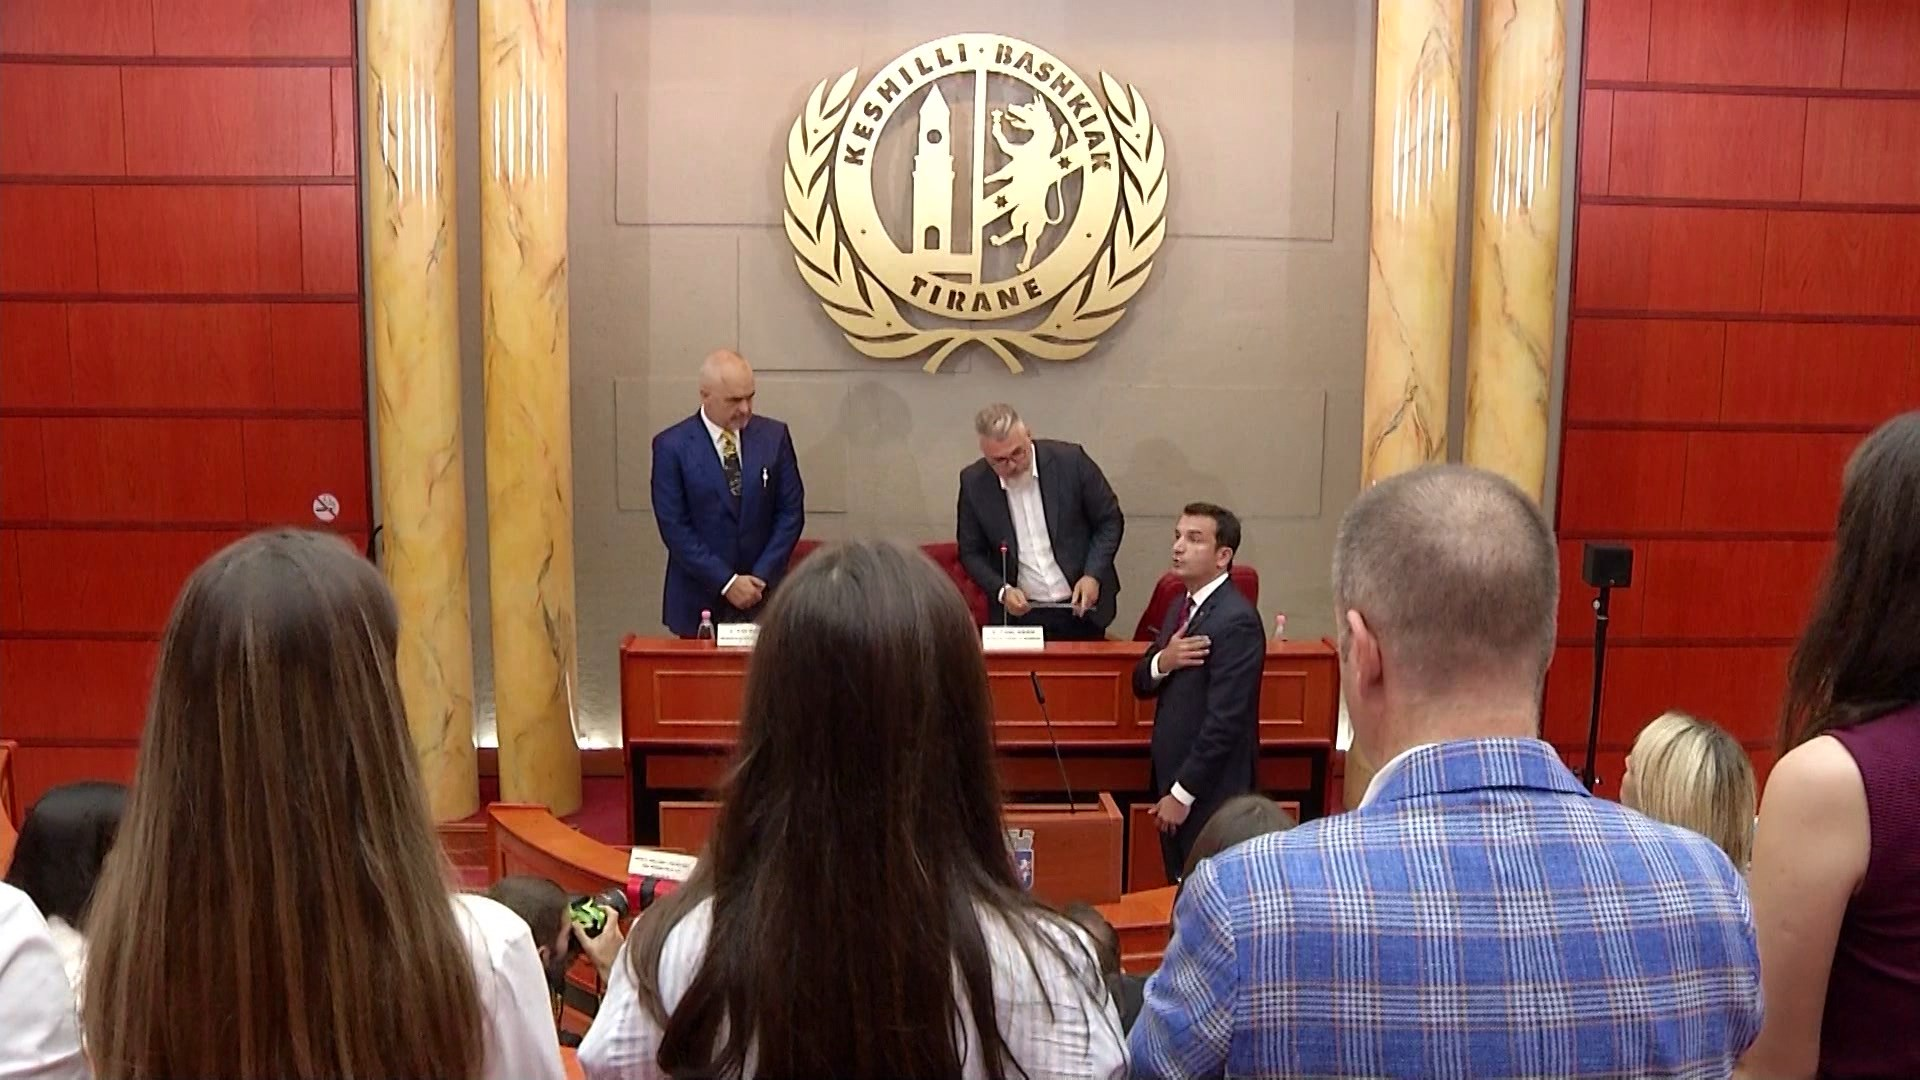 Konstituohet Këshilli Bashkiak i Tiranës, Veliaj betohet për mandatin e dytë